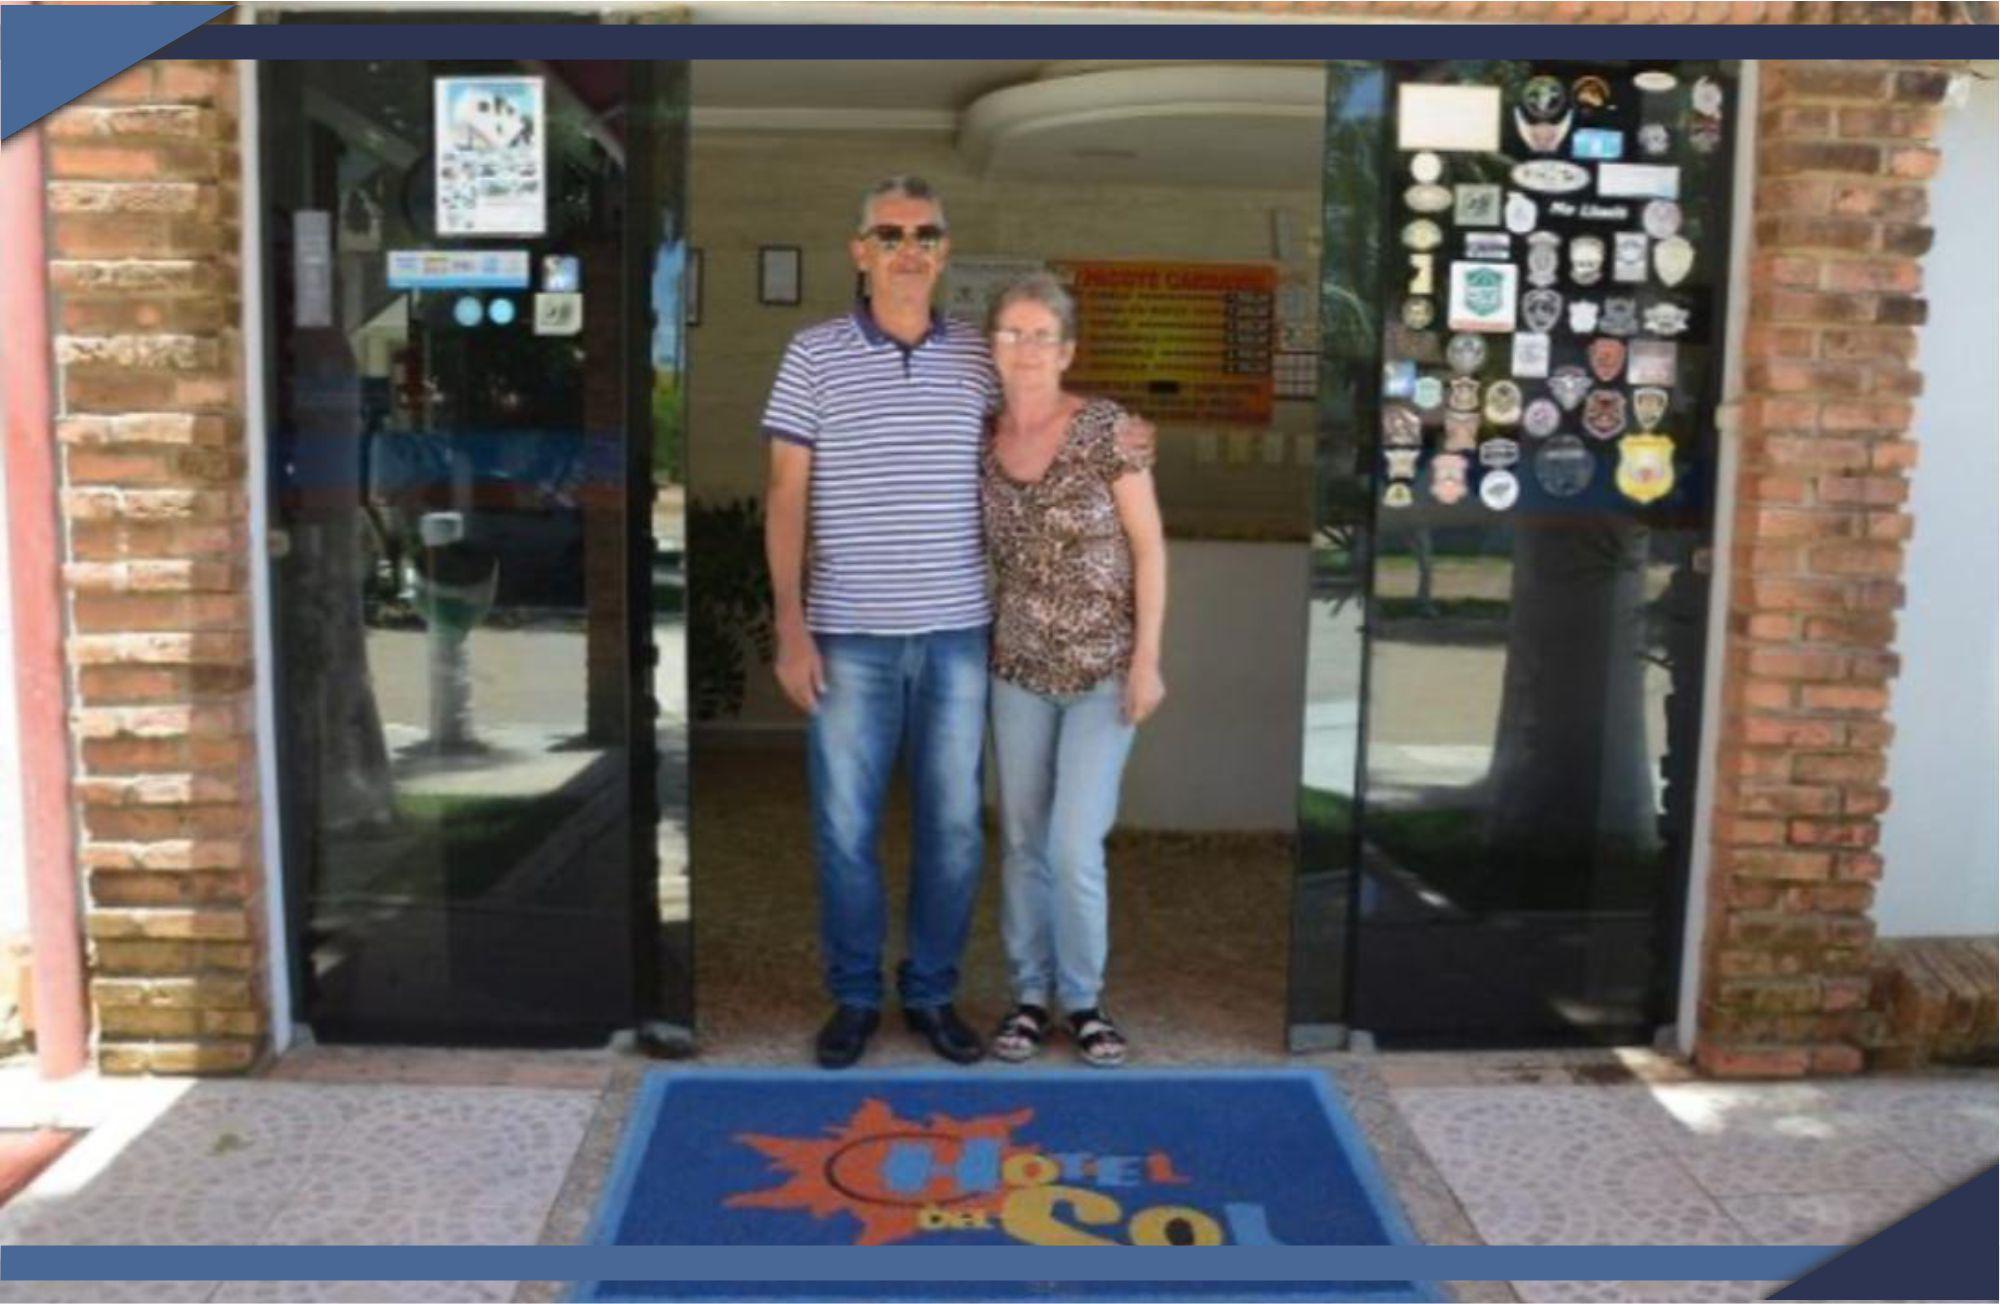 HOTELEIRO DE GURIRI AFIRMA QUE RENDA DO VERÃO CORRESPONDE A ATÉ 70 POR CENTO DO FATURAMENTO ANUAL